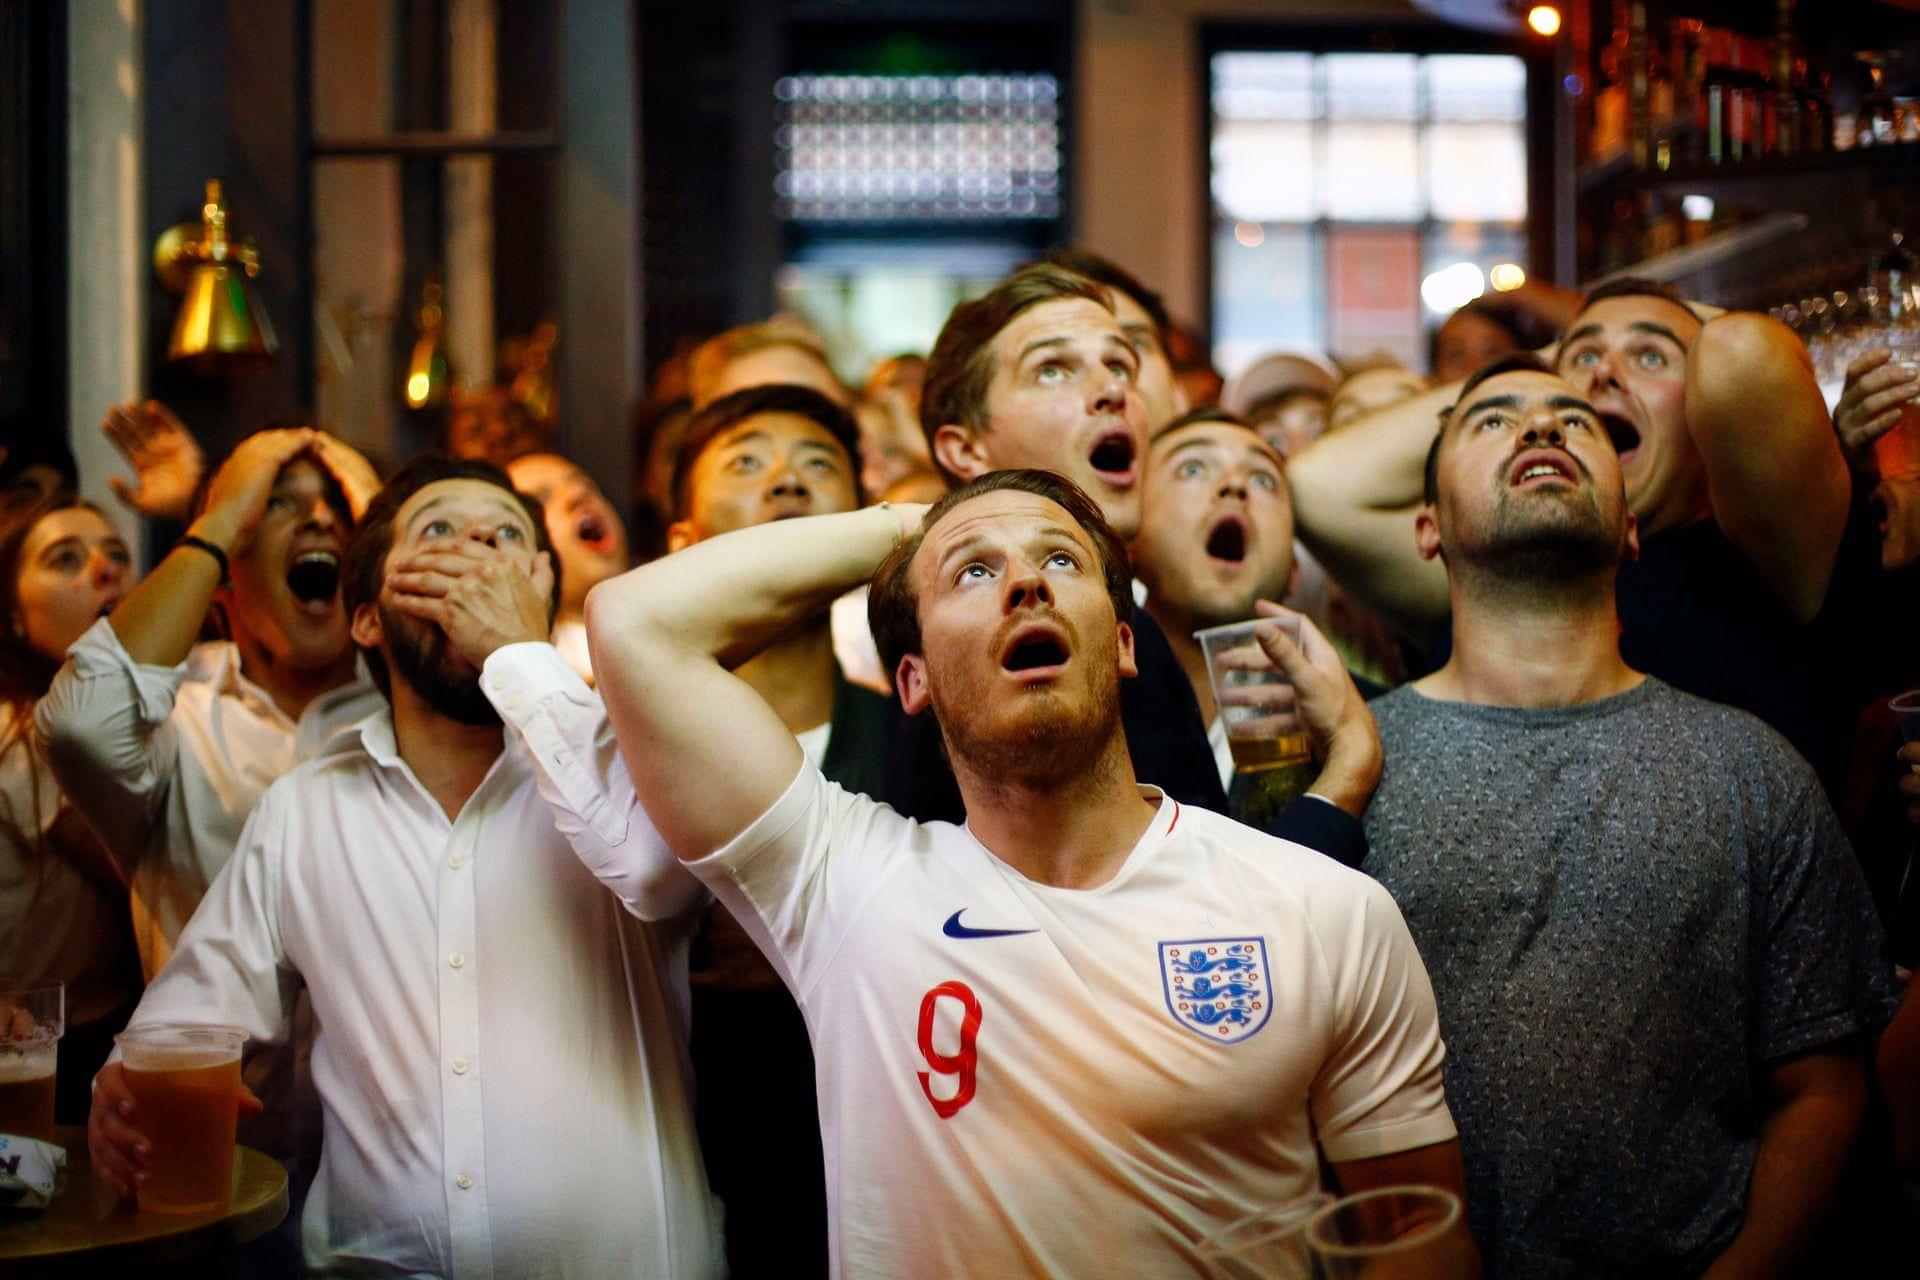 Angol szurkol—k egy kocsm‡ban a vil‡gbajnoks‡g alatt a Horv‡torsz‡g - Anglia mecset nŽzve. Fot—: Henry Nicholls / Reuters / thebppa